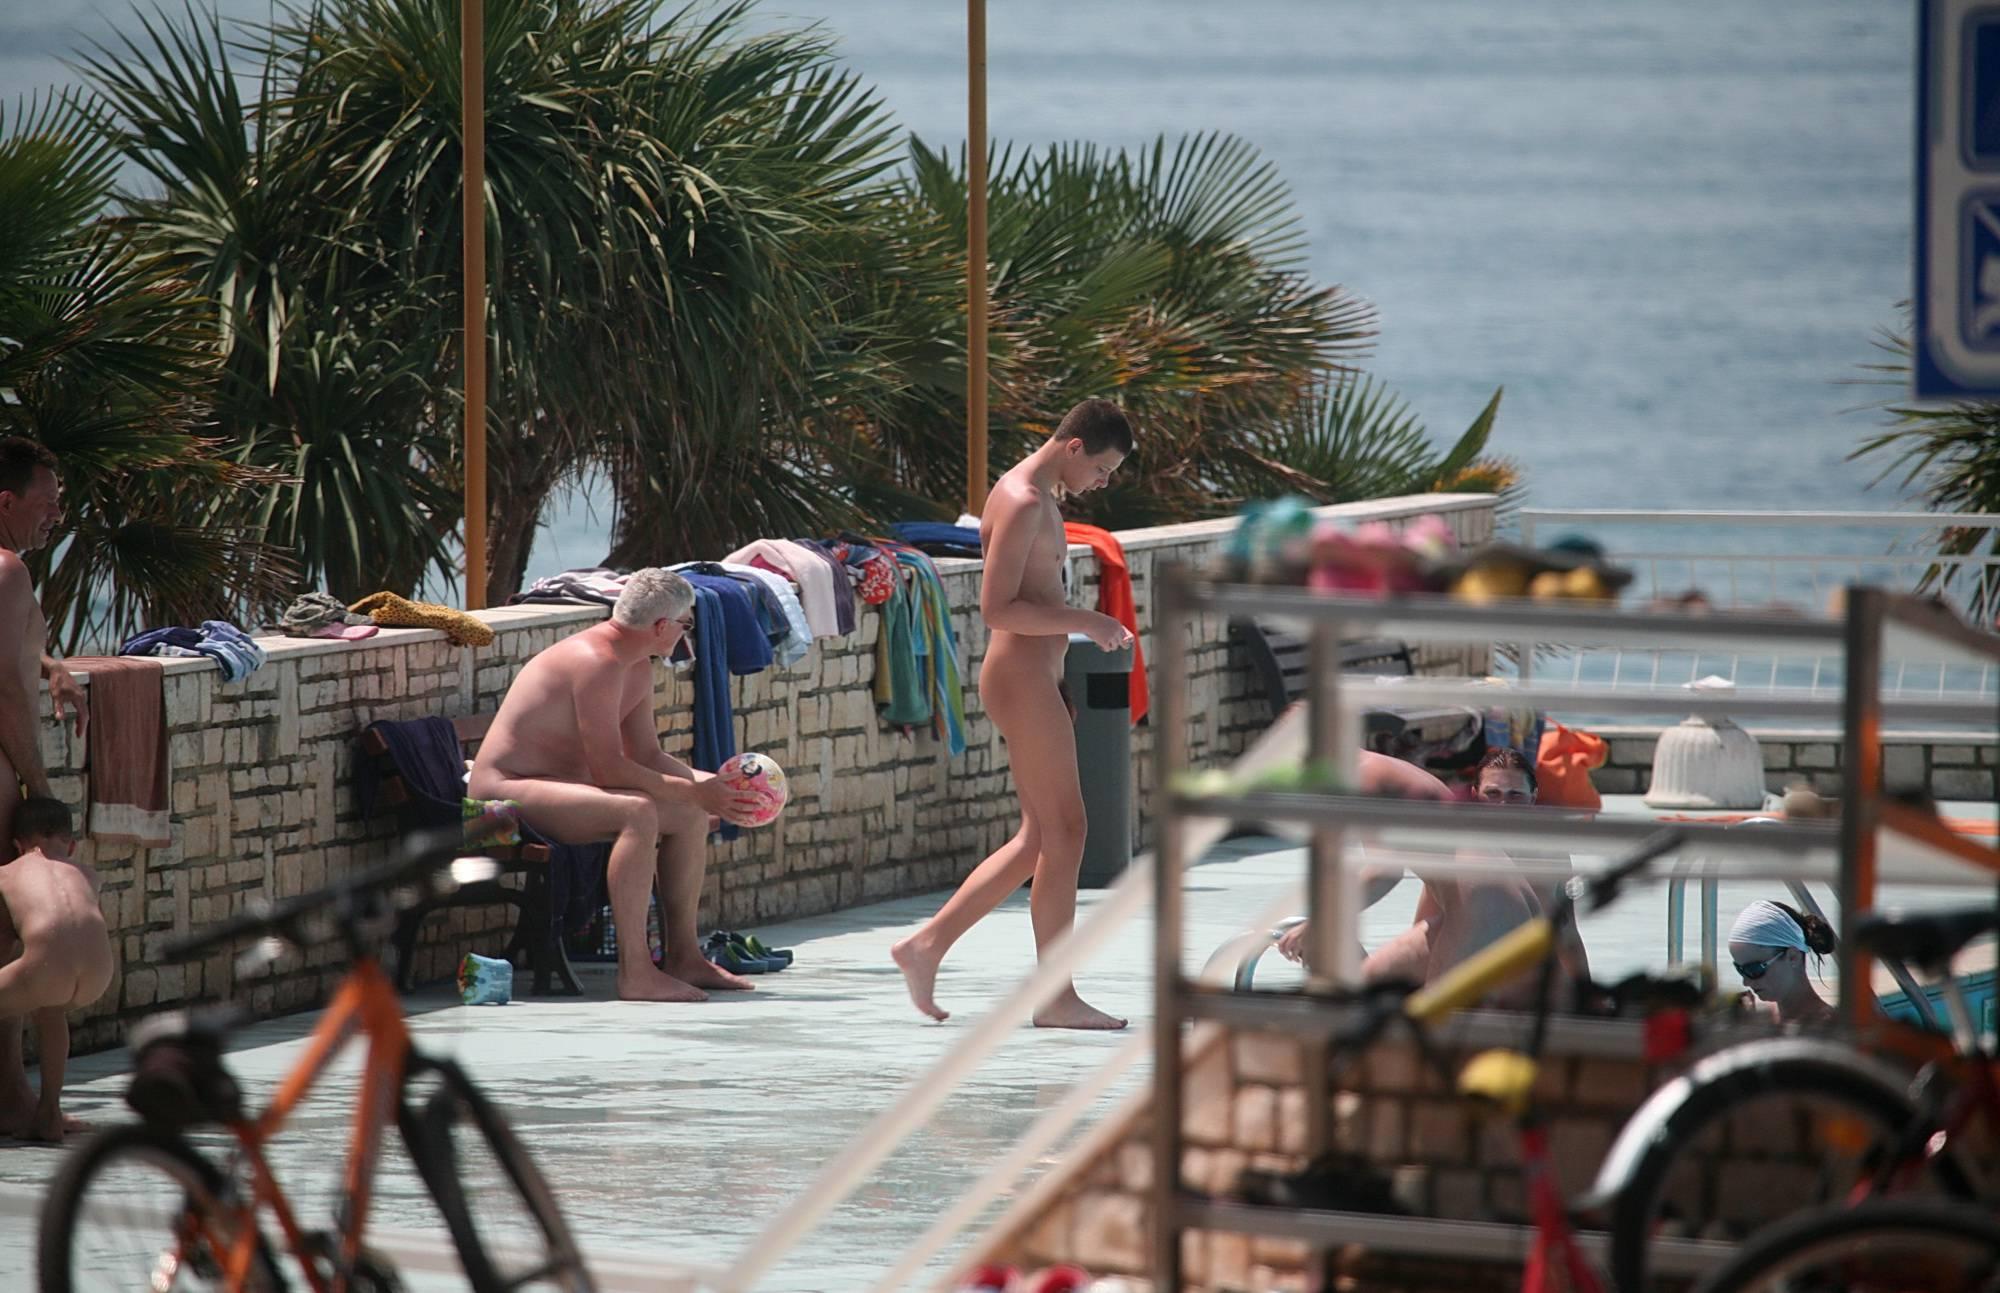 Pure Nudism Pics-Biking On The Boardwalk - 3